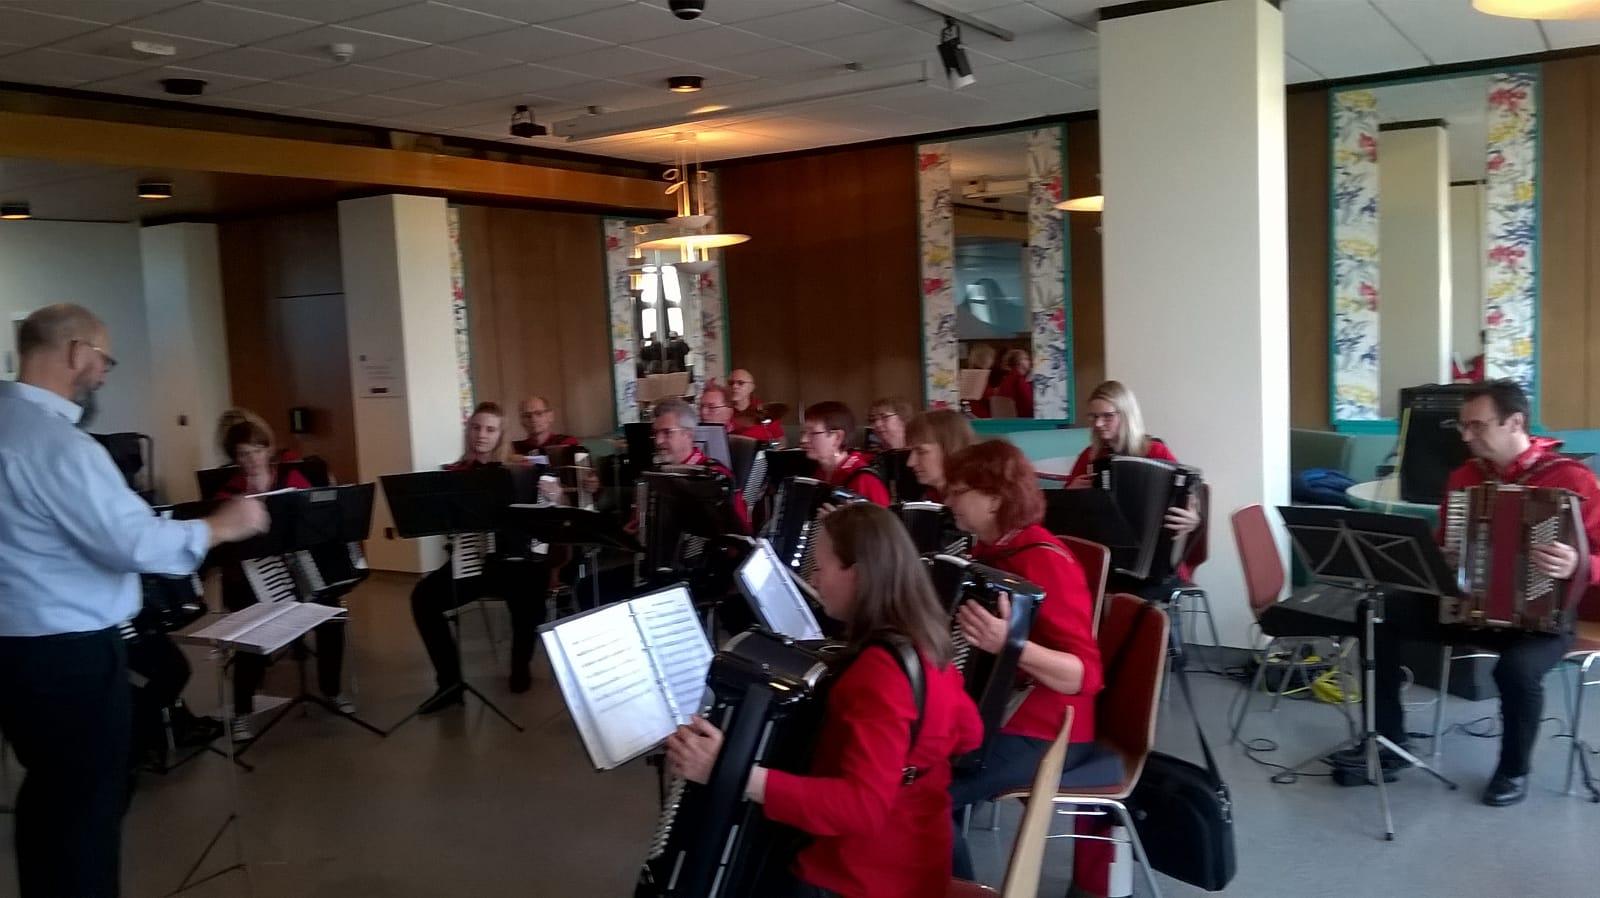 Kur-Konzert in Bad-Wimpfen